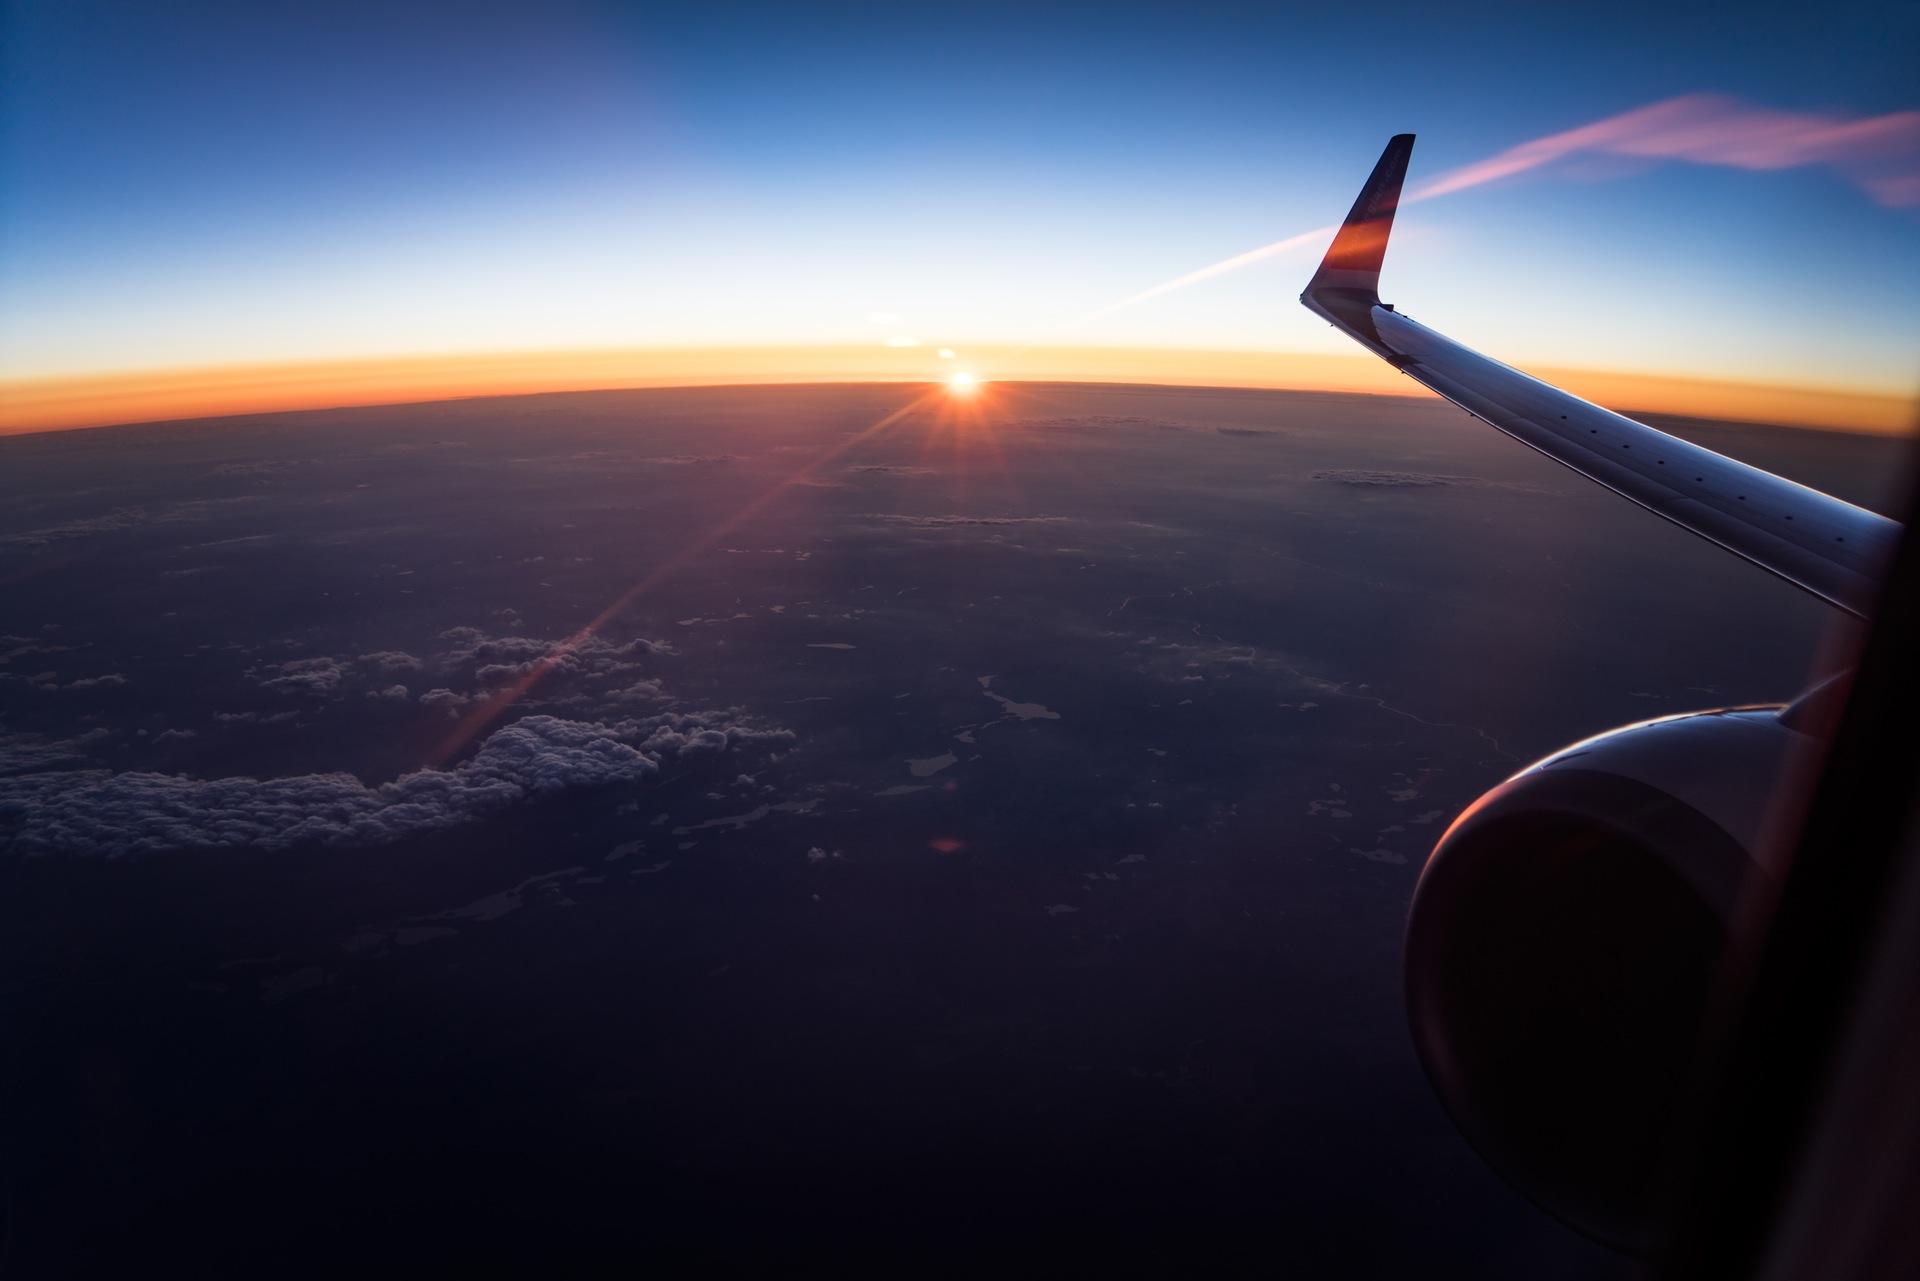 आकाश, विमान, बादल, सूर्यास्त, सूर्य, मक्खी - HD वॉलपेपर - प्रोफेसर-falken.com